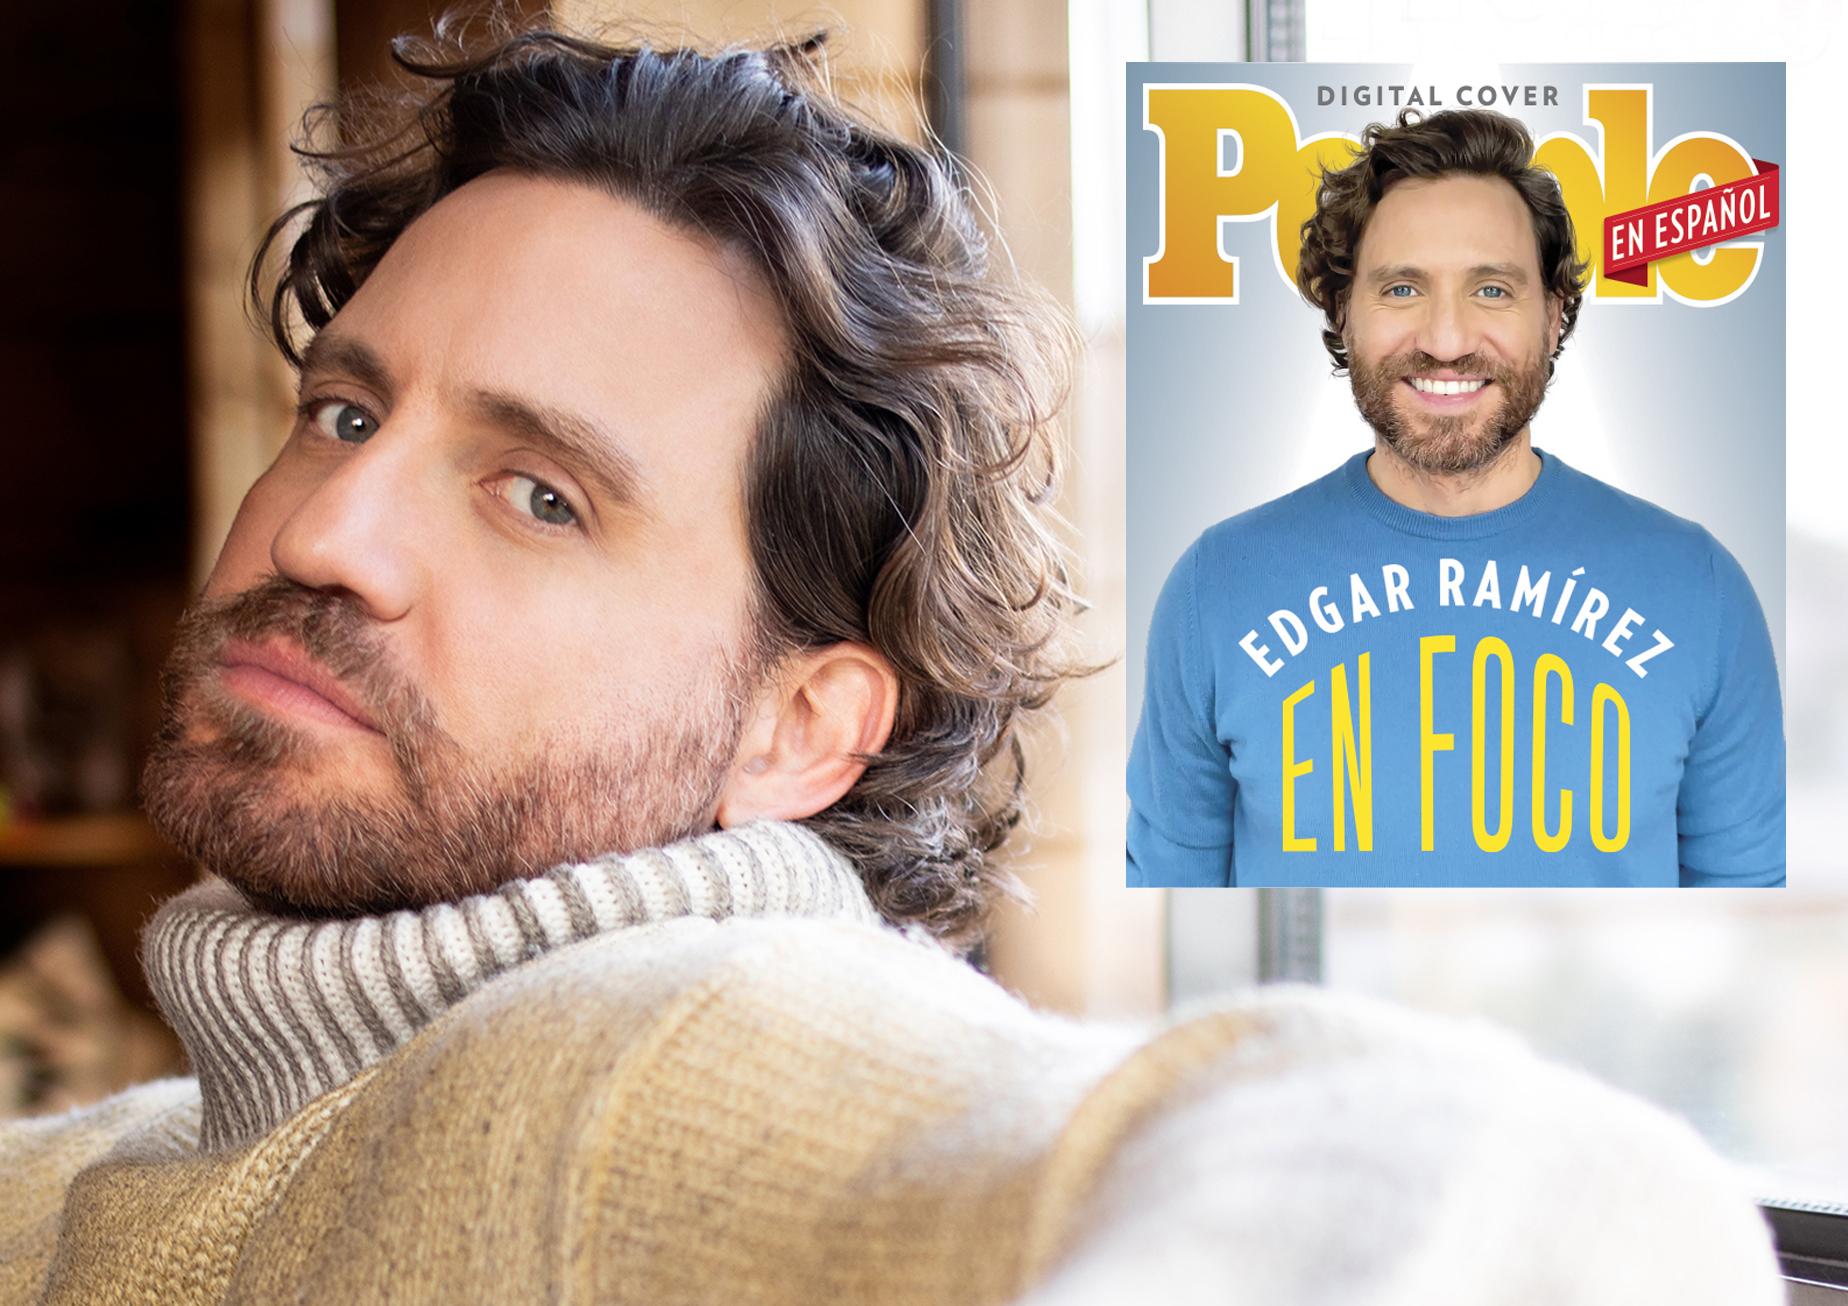 Edgar Ramirez - Digital Cover